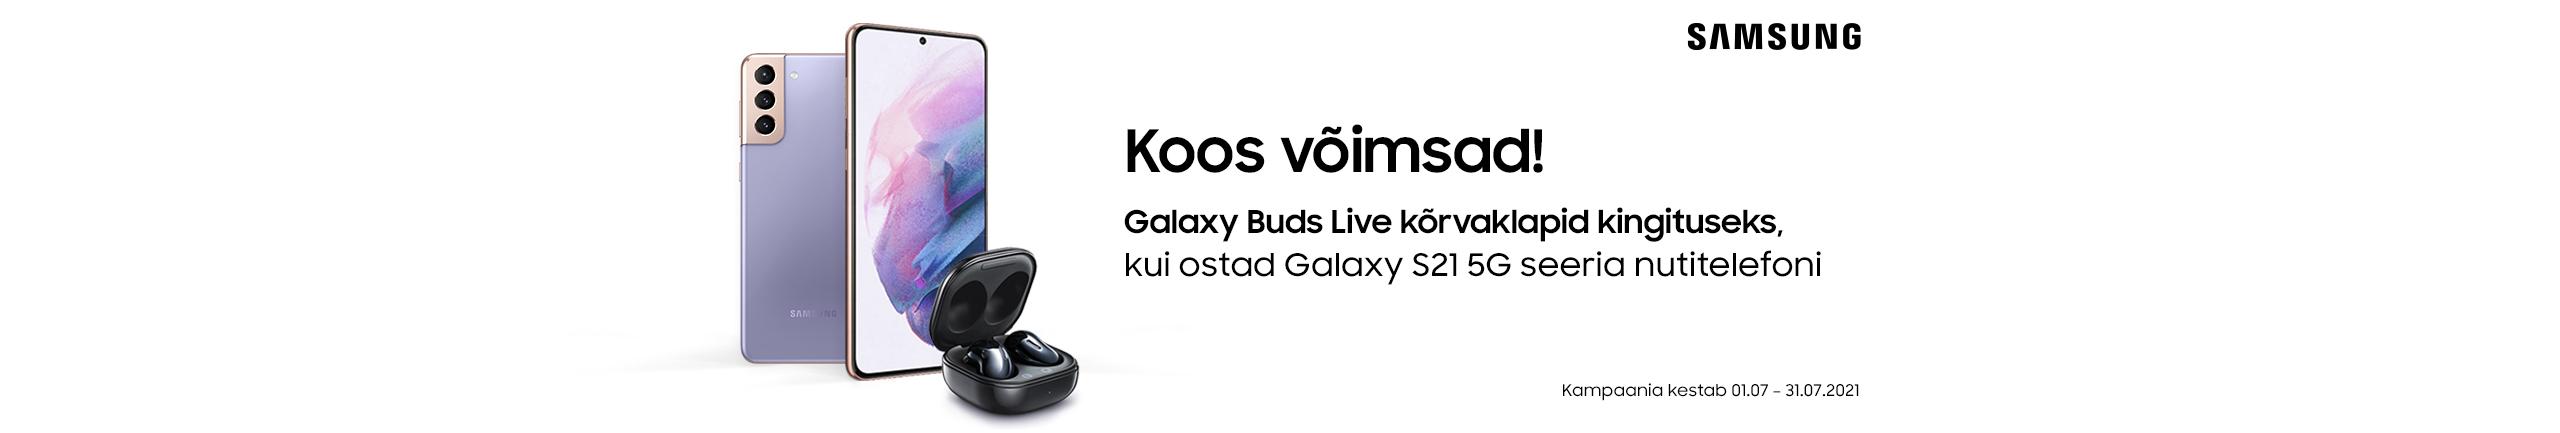 Osta Samsung Galaxy S21 seeria nutitelefon ja saad kingiks Galaxy Buds Live kõrvaklapid